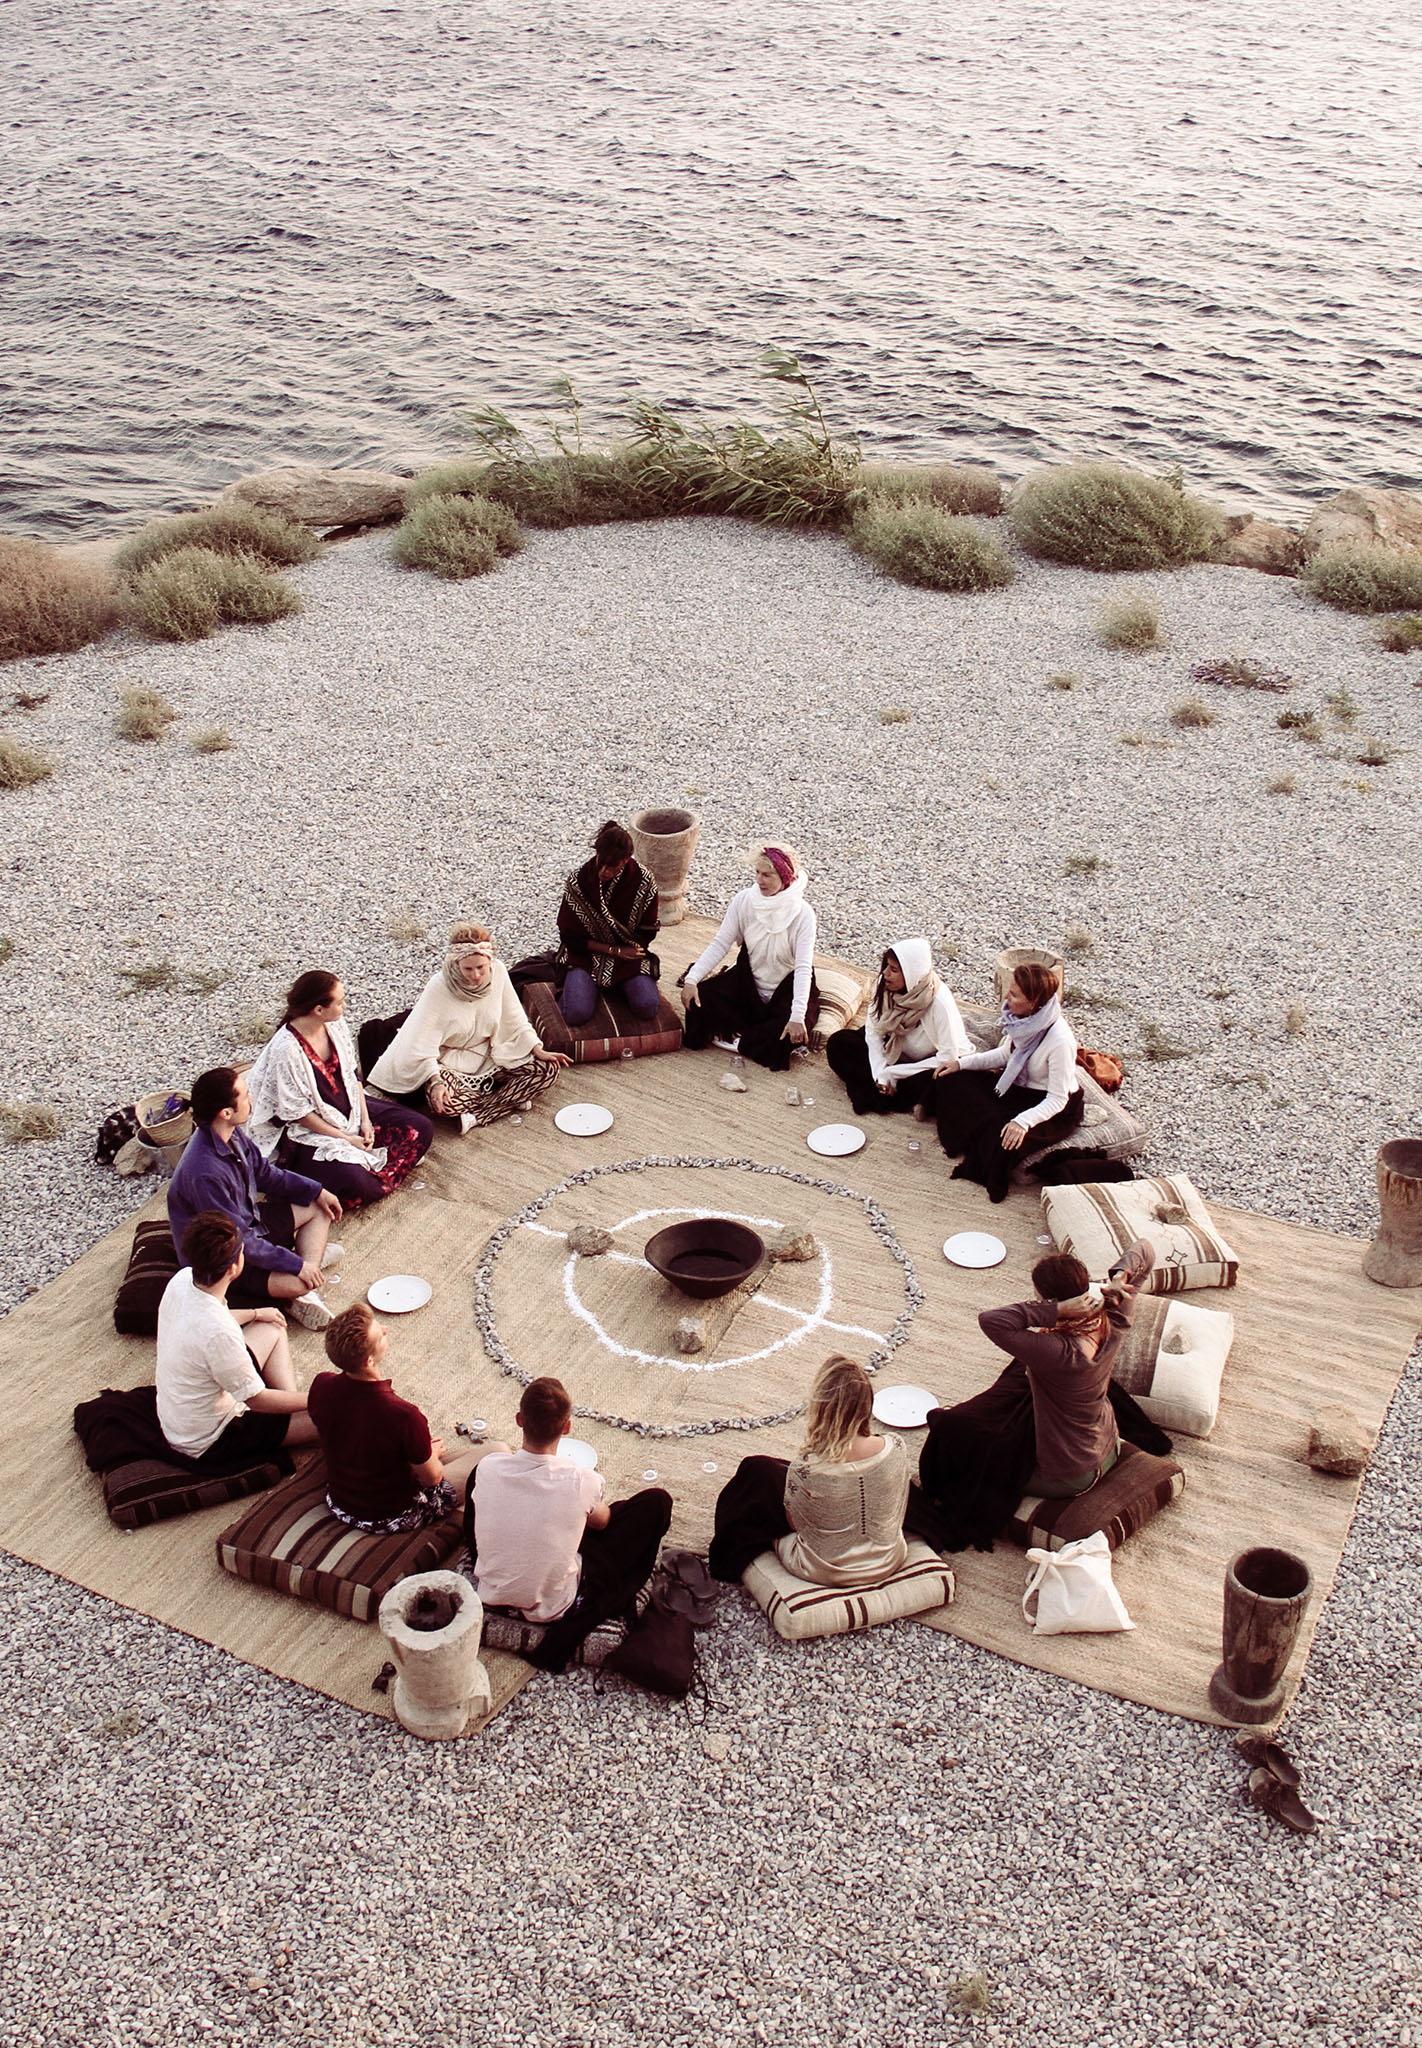 ritual fire bonfire on the beach people in circle doing ritual